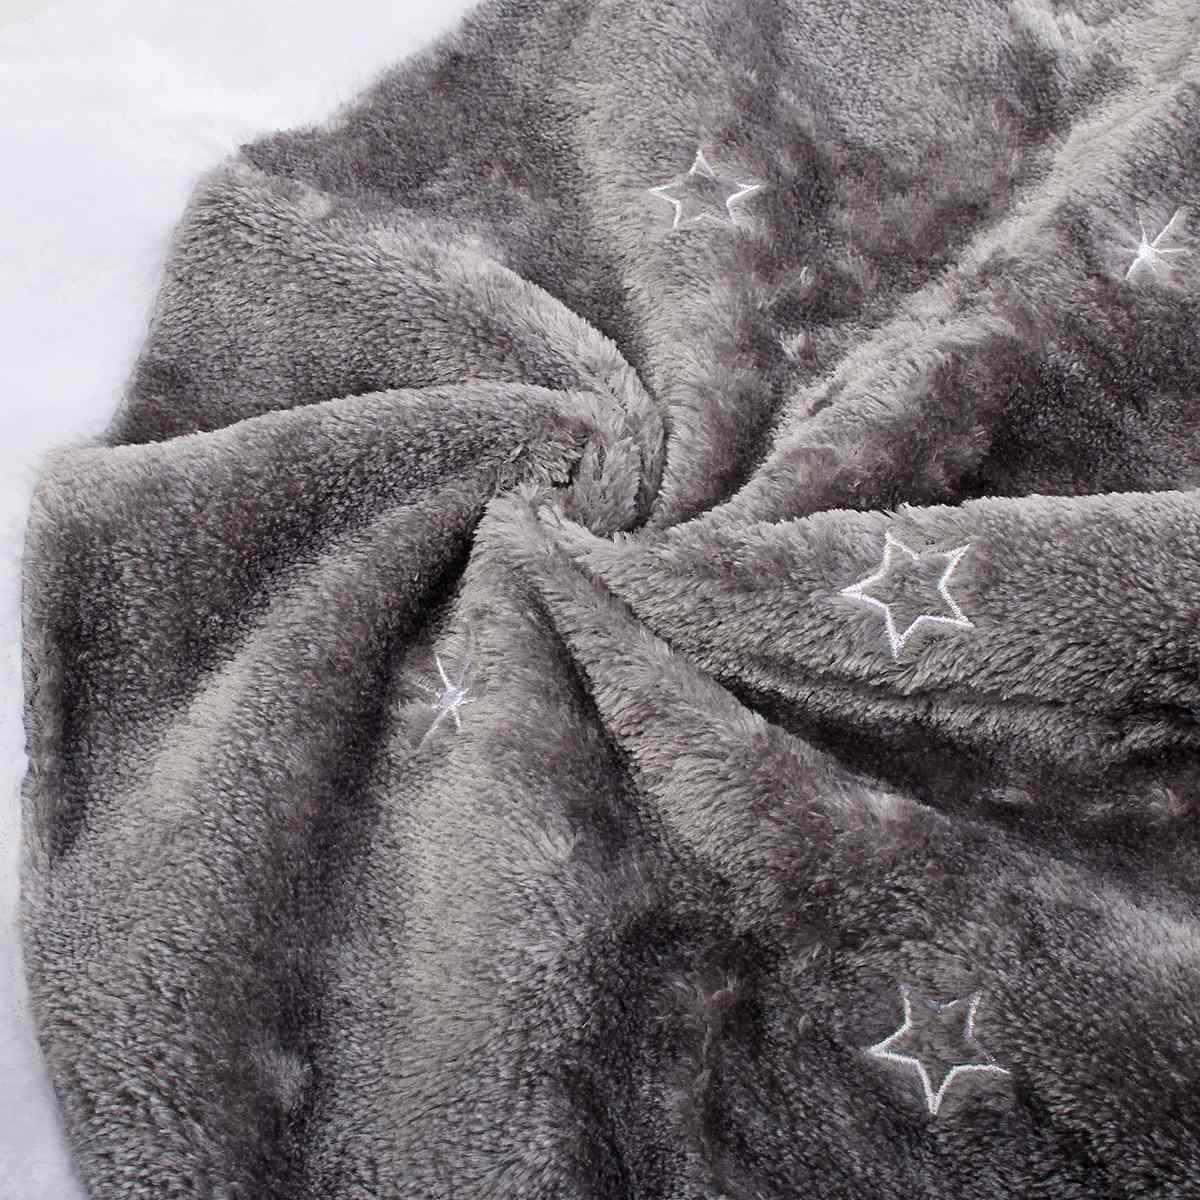 90 см Серебряная елка юбка фартук ручной массажер украшения плюшевая база пол подушки праздничный вечерние поставки